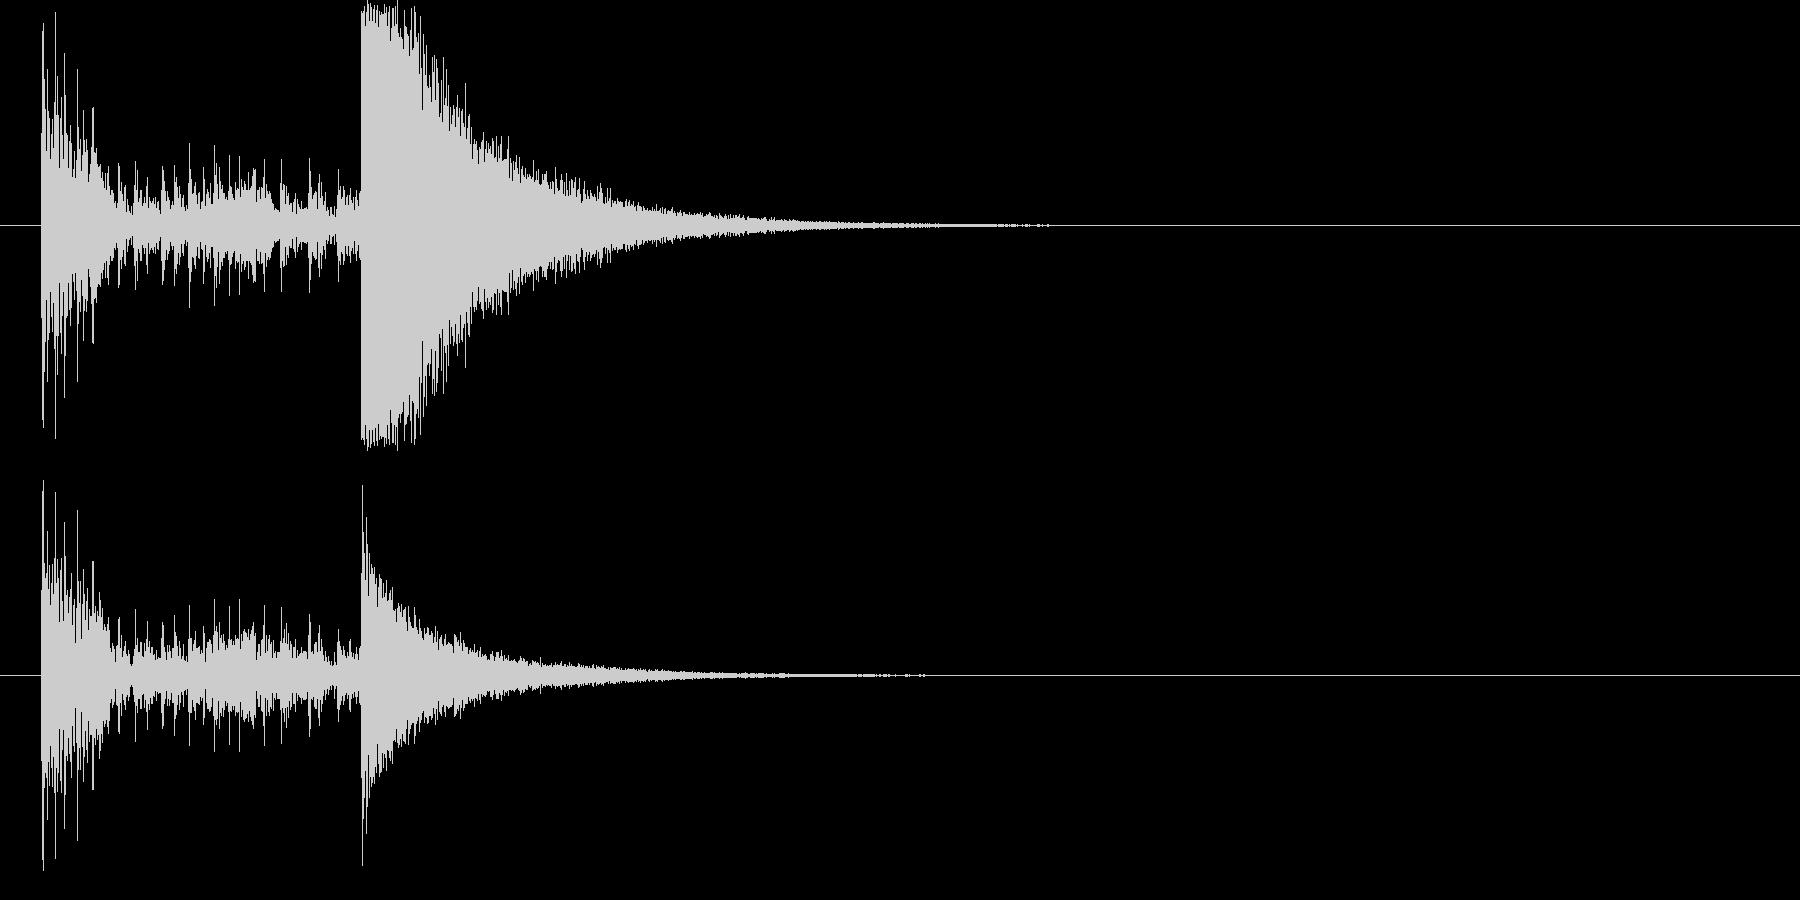 結果発表ドコドコ・ロール2秒シンバル有の未再生の波形